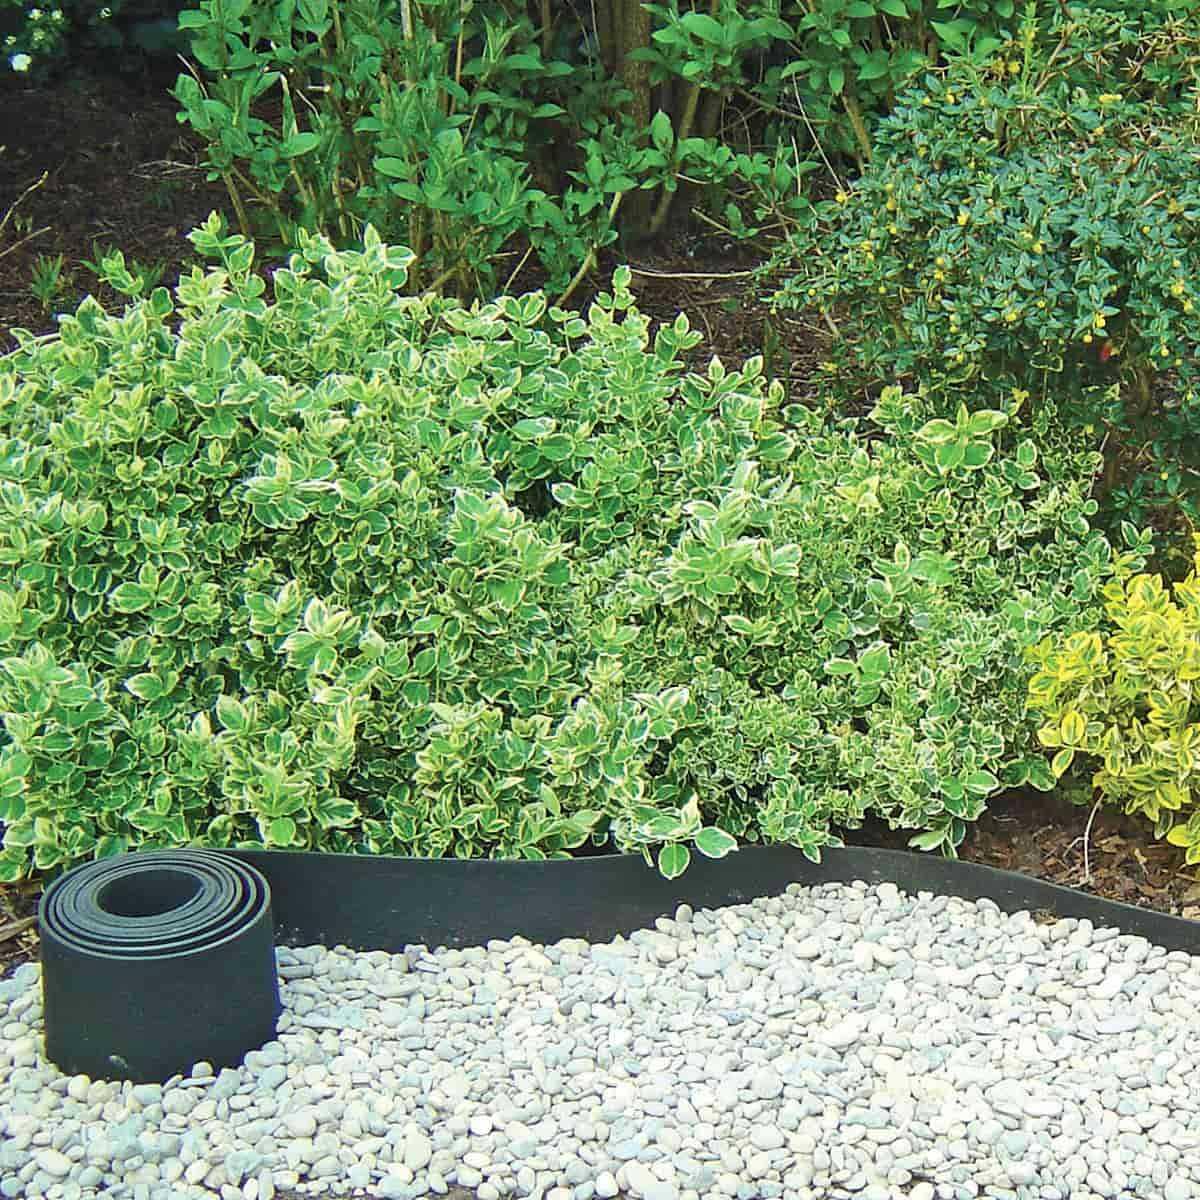 Bordure Caoutchouc Recyclé Gazon 5Mx13Cm dedans Bordure Jardin Pas Cher